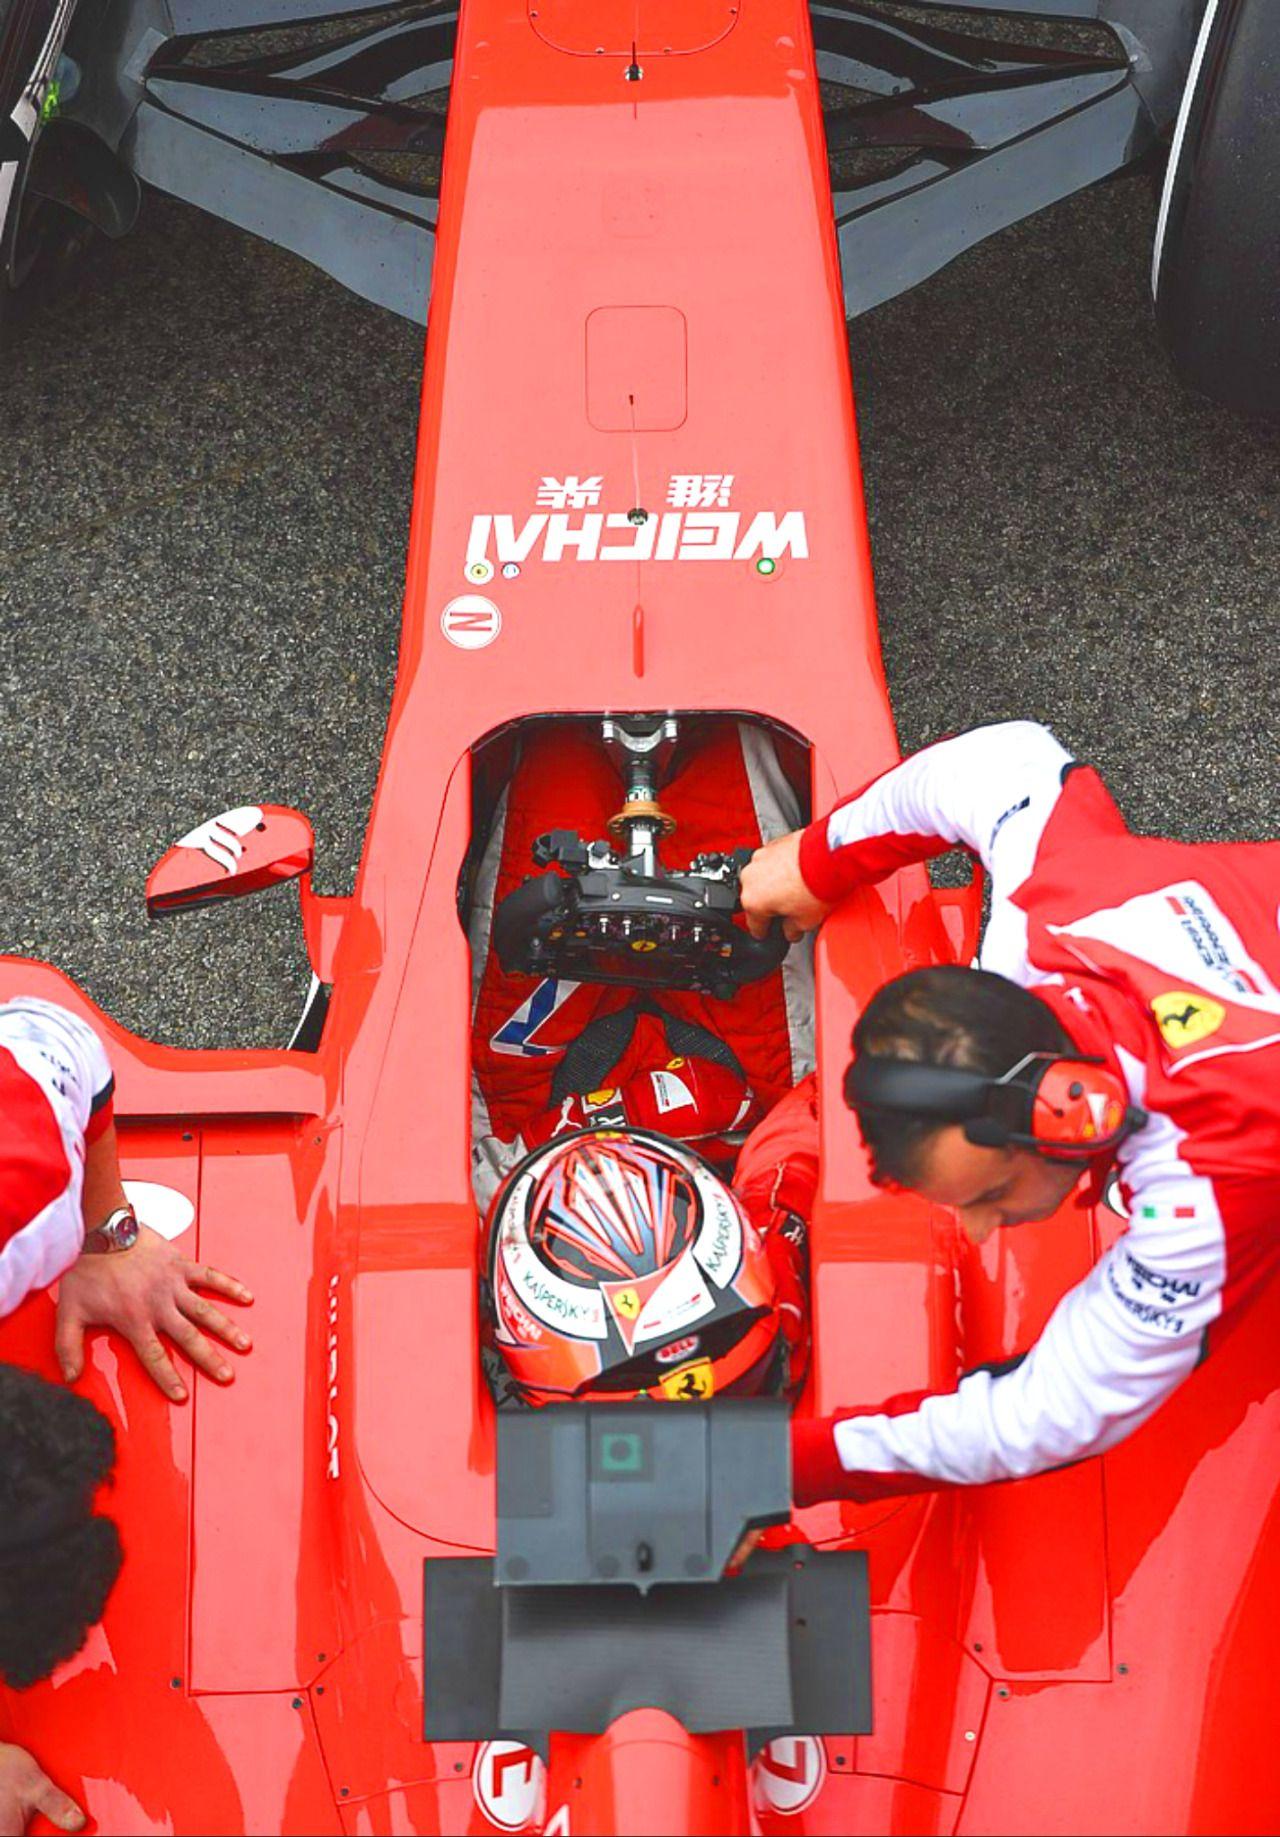 Kimi Räikkönen winter testing in Barcelona, Spain, Test